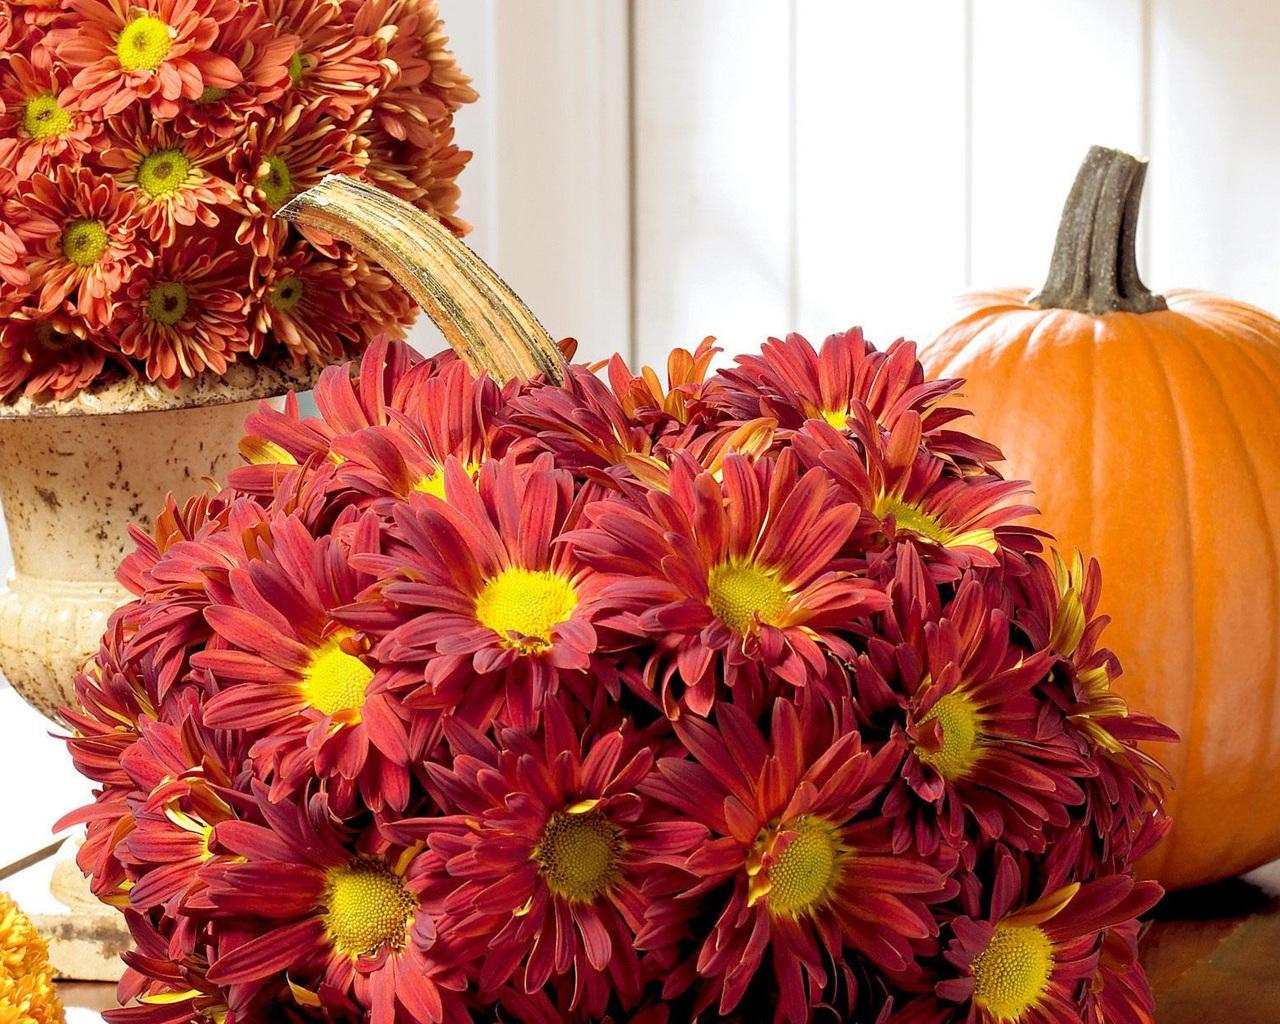 Осенние цветы картинки на рабочий стол самые красивые, девушке про любовь